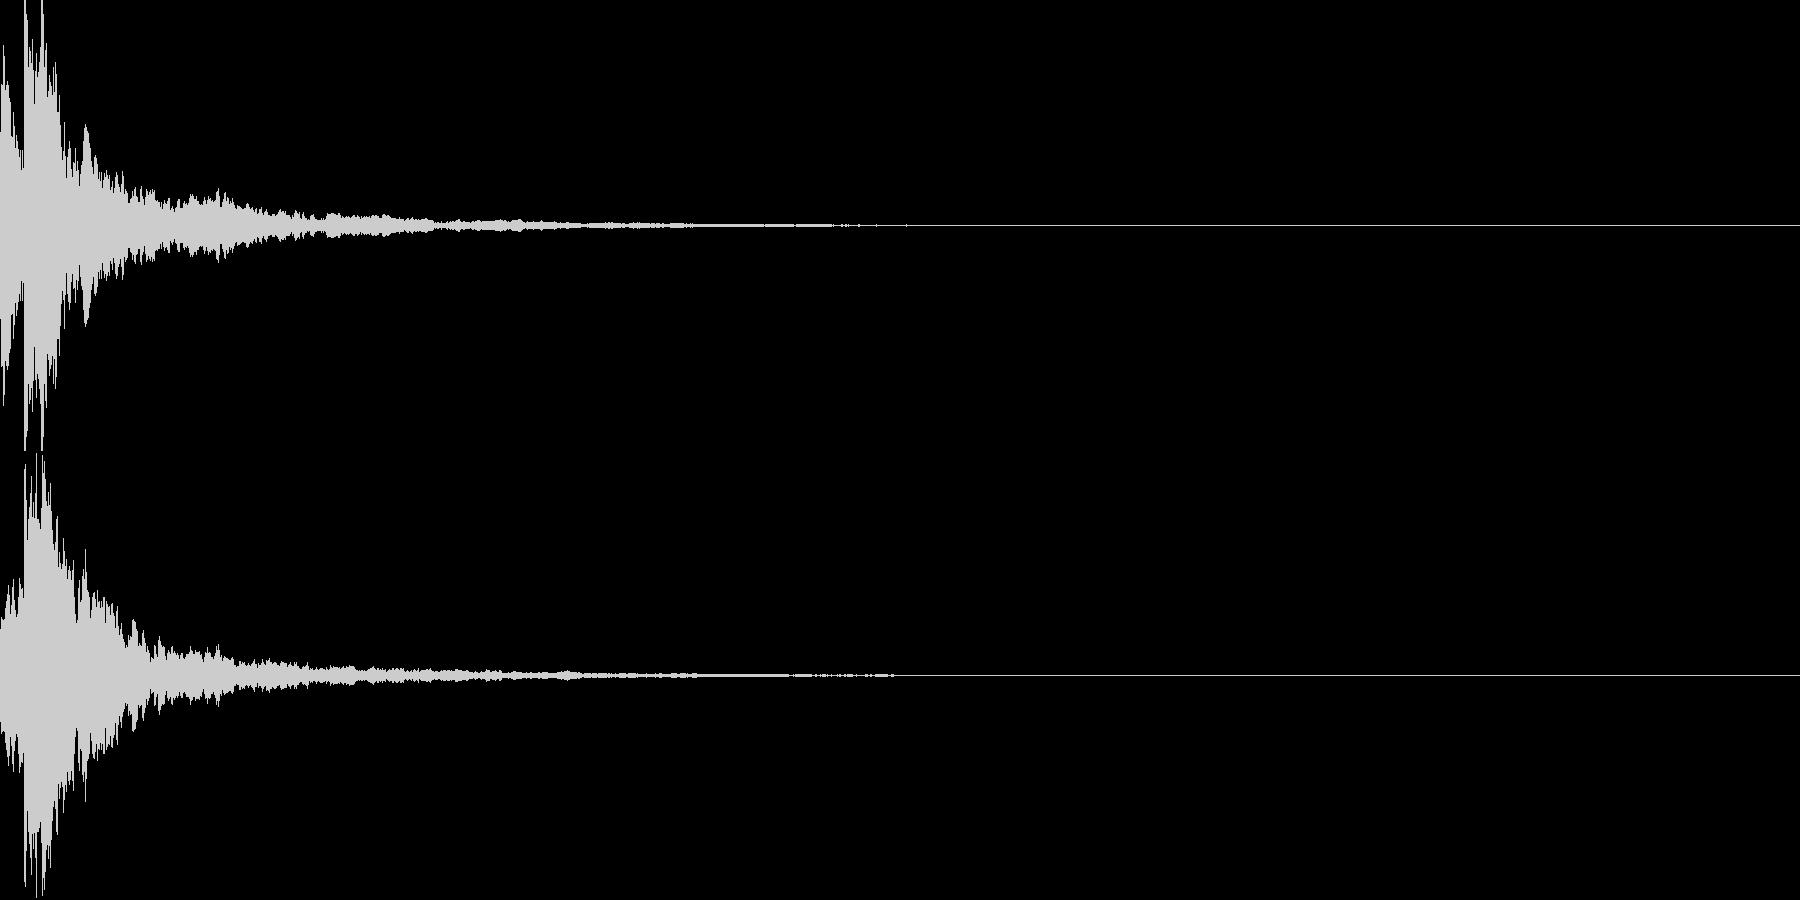 明るいテロップ音 ボタン音 決定音 25の未再生の波形